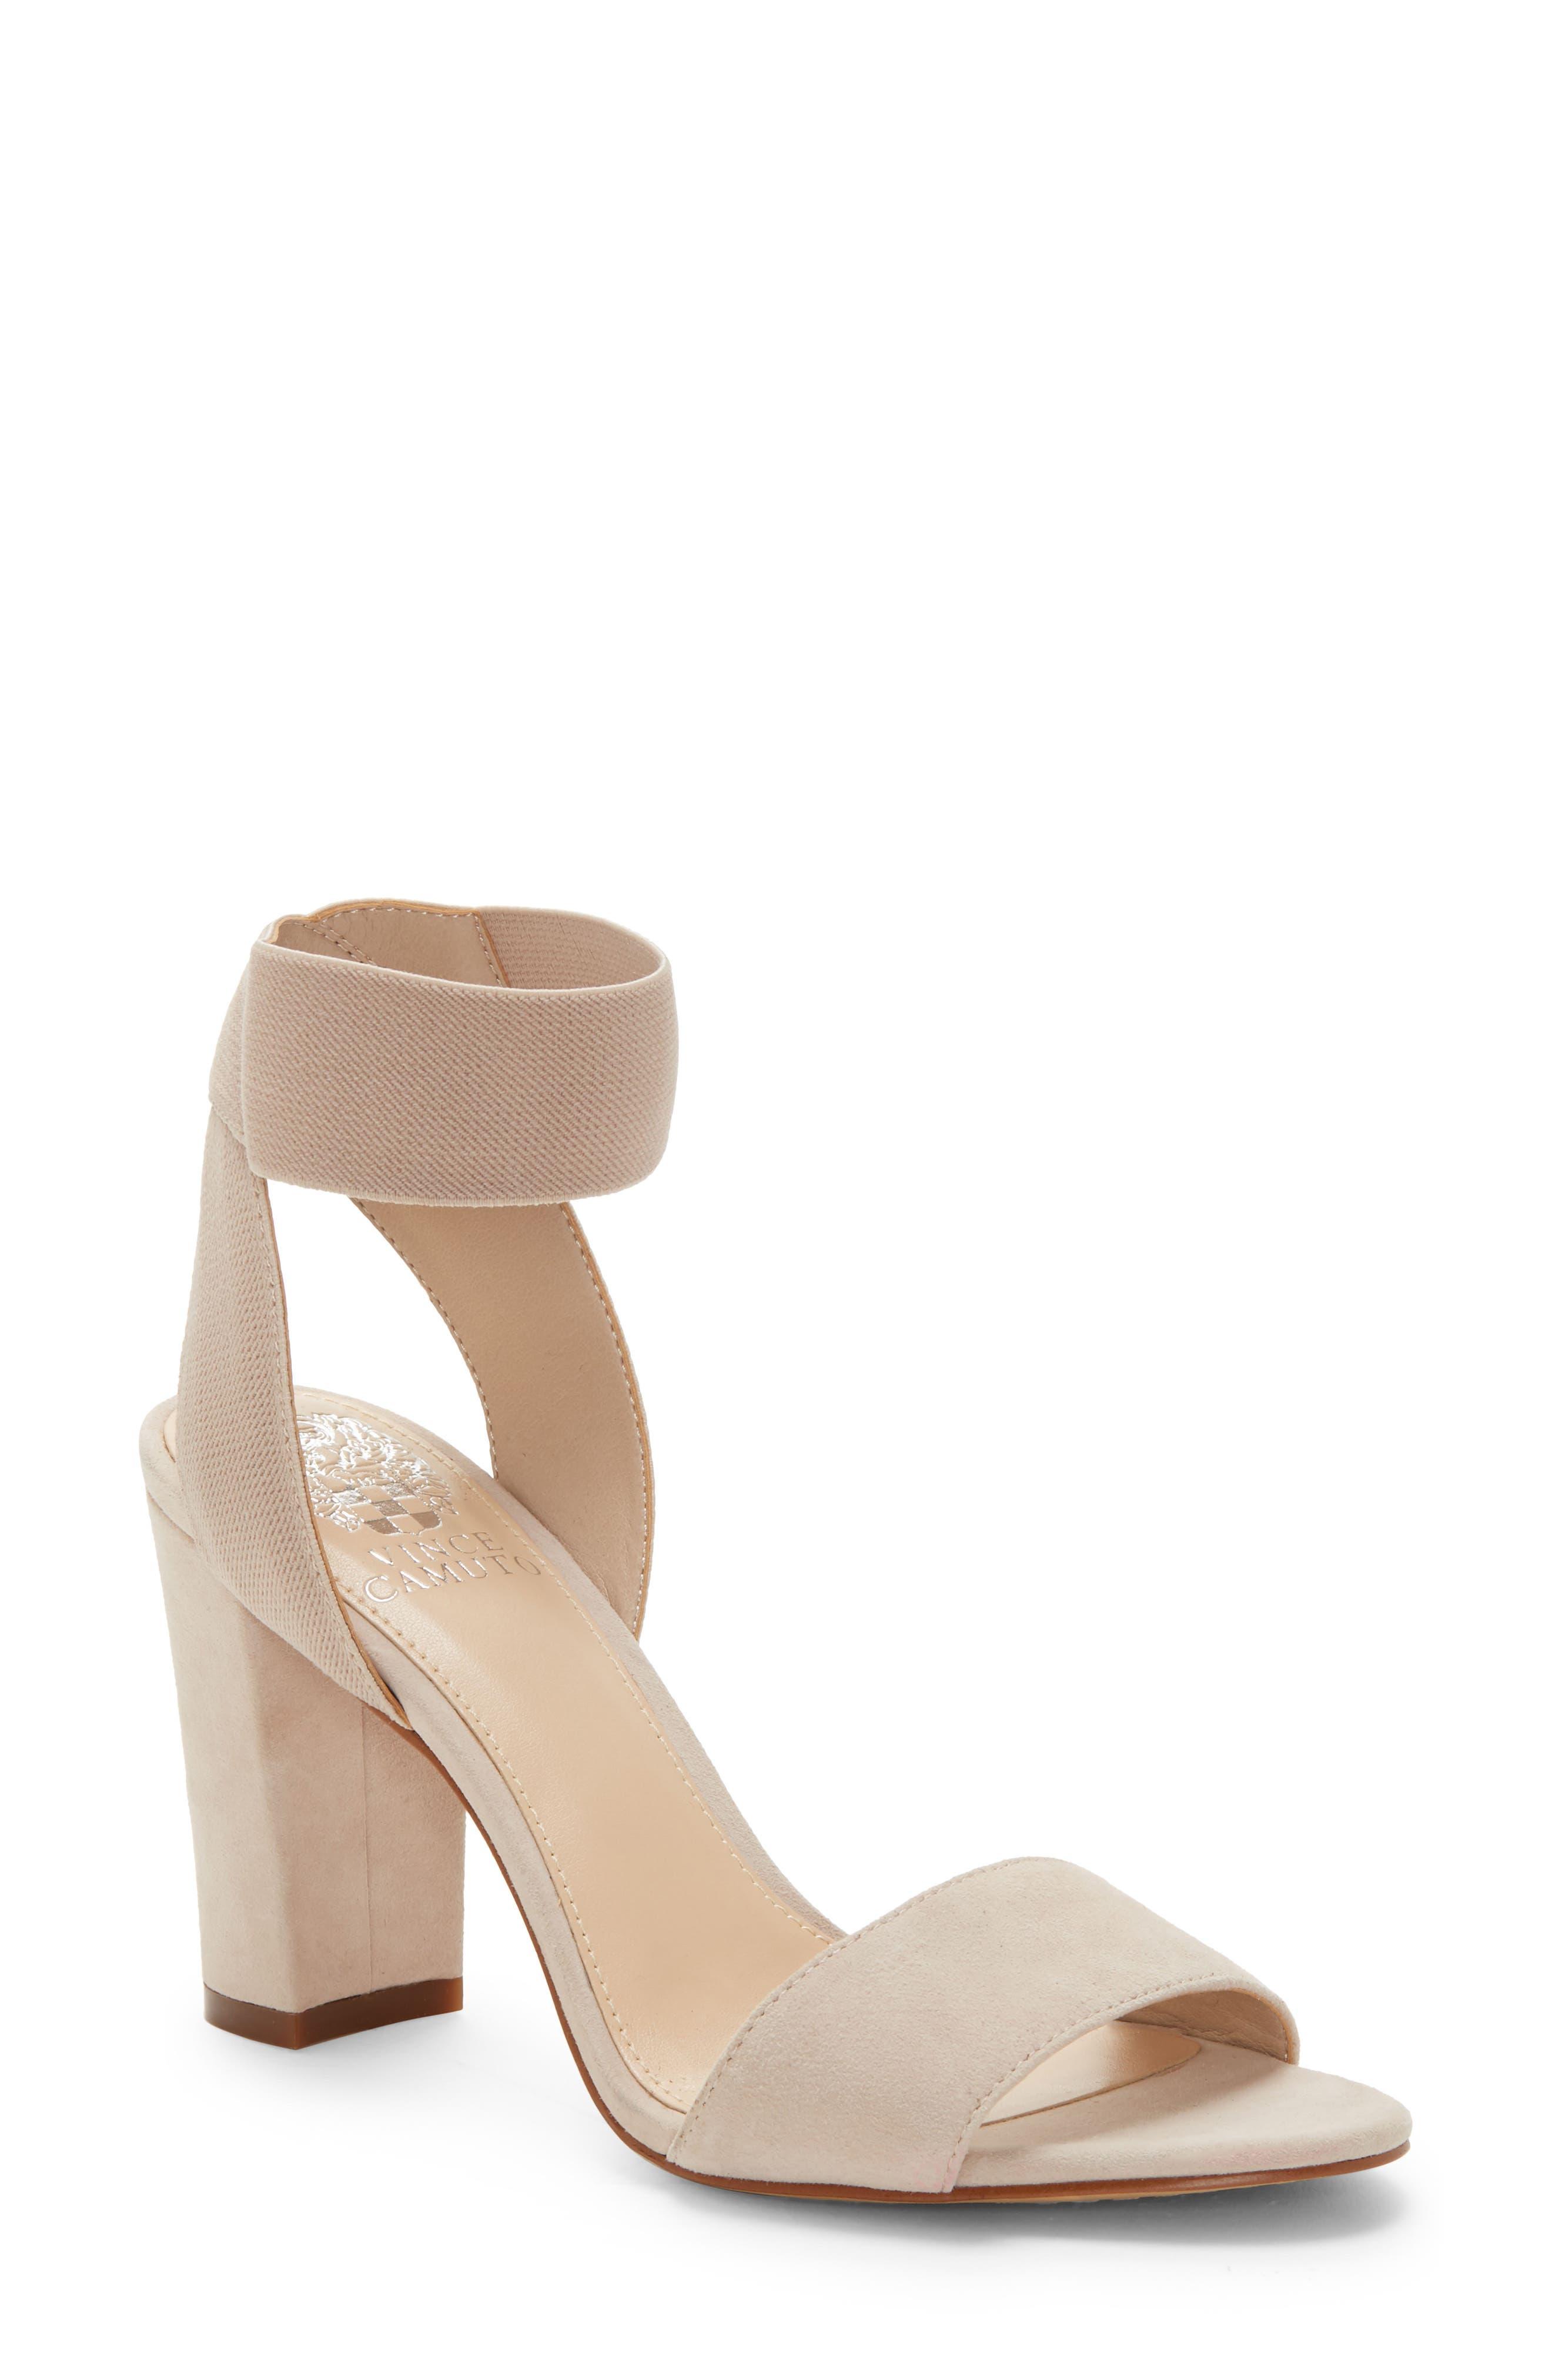 5b12f3968ca Women s Shoes New Arrivals  Boots